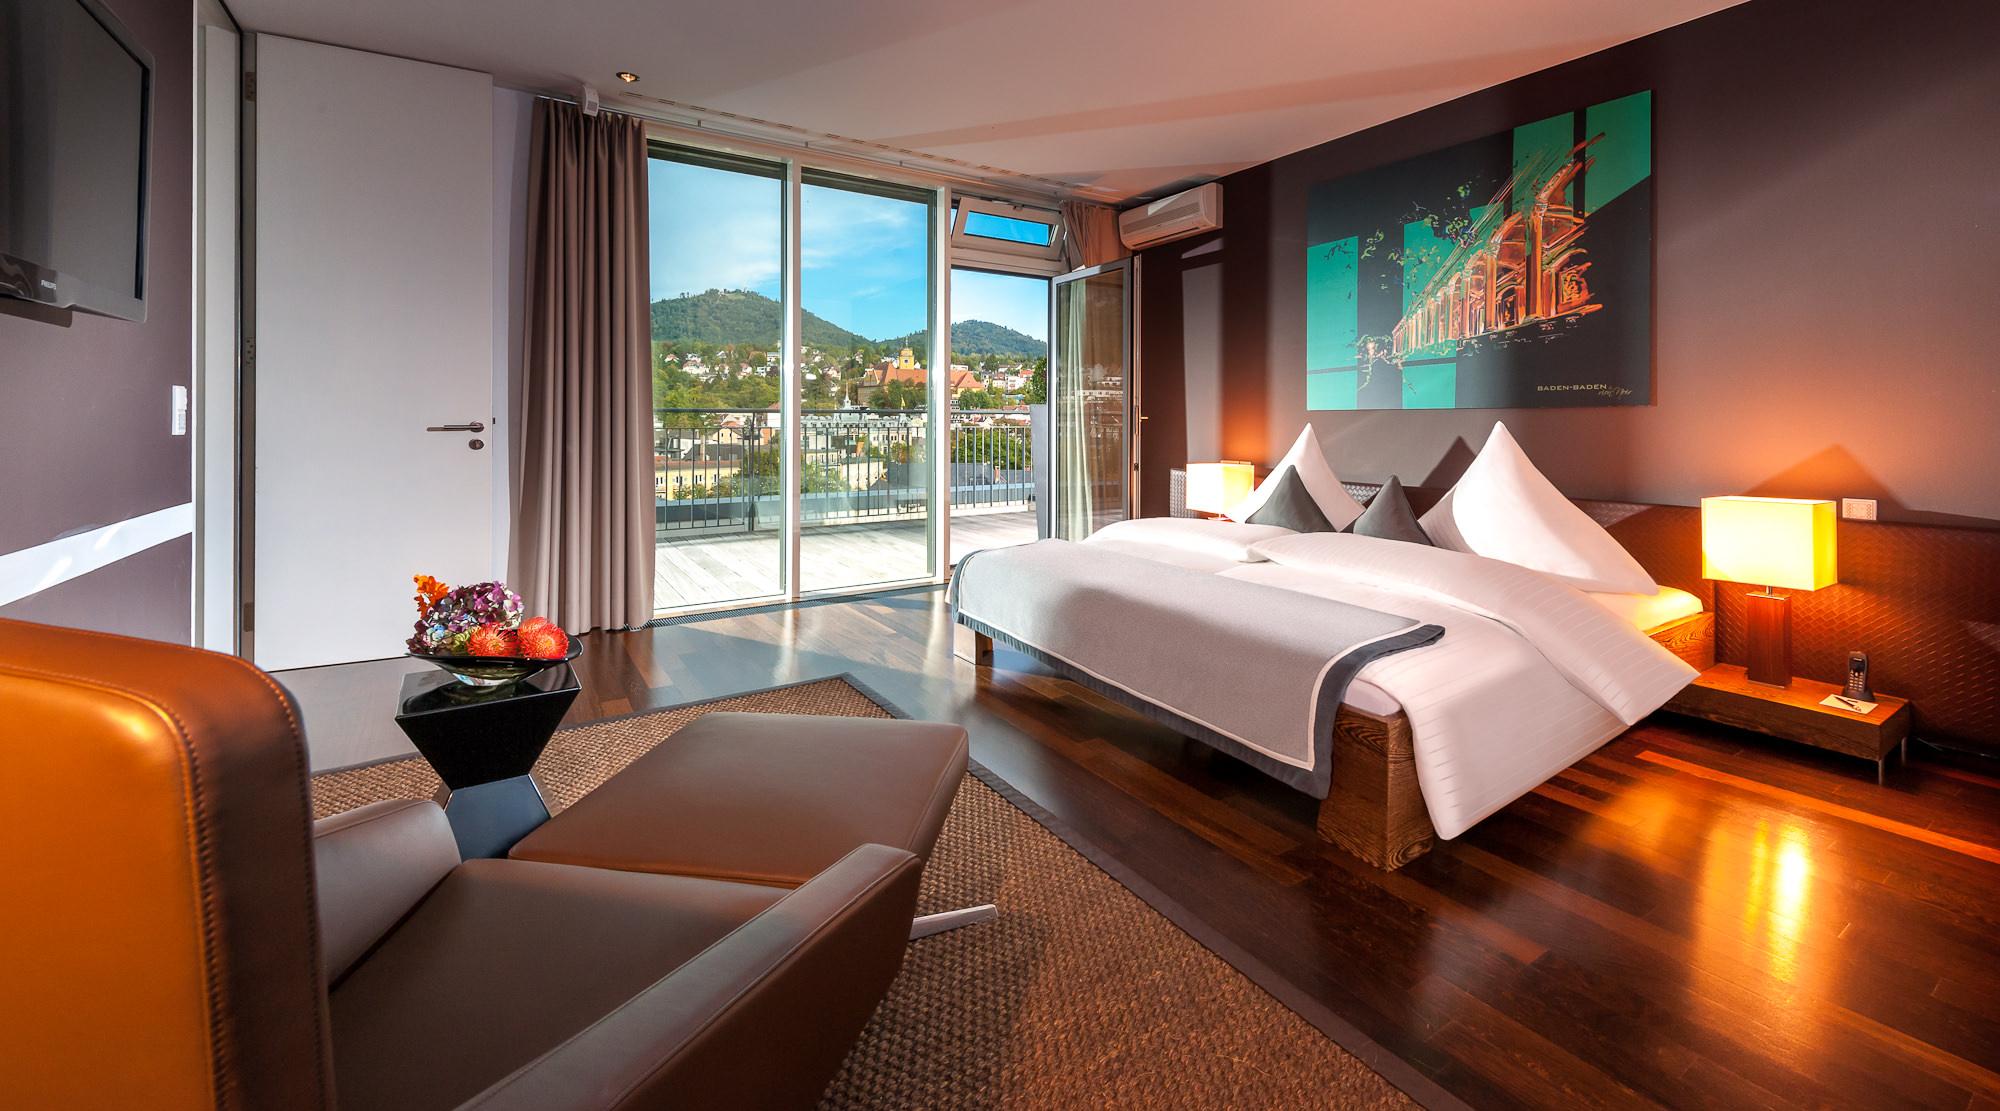 Art invest real estate erwirbt das dorint hotel maison for Baden baden maison messmer